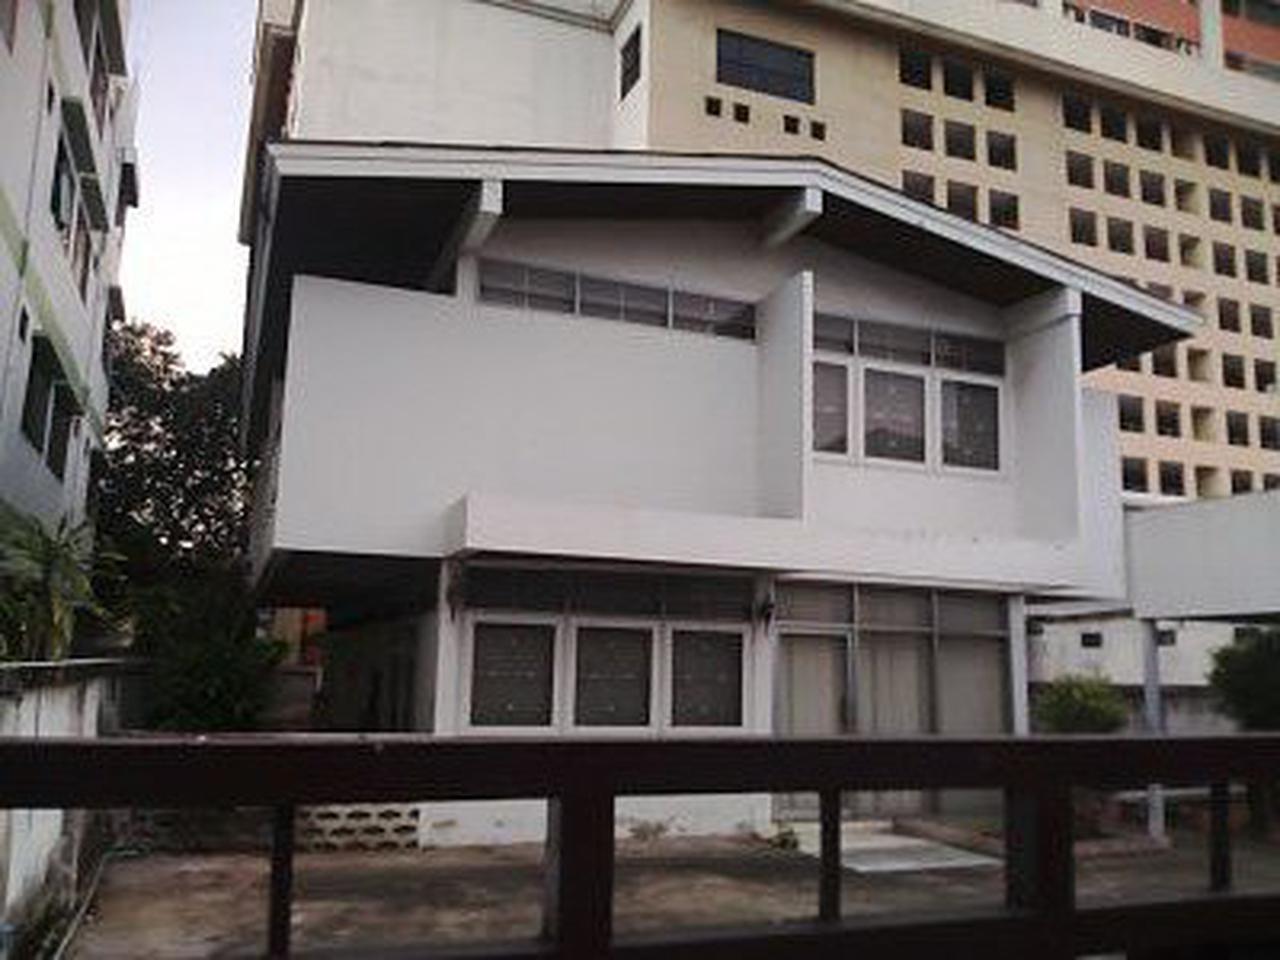 บ้านเก่าเหมาะทำอพาร์ตเม้นท์มากๆ พระโขนง-สีี่แยกคลองตัน  รูปที่ 3